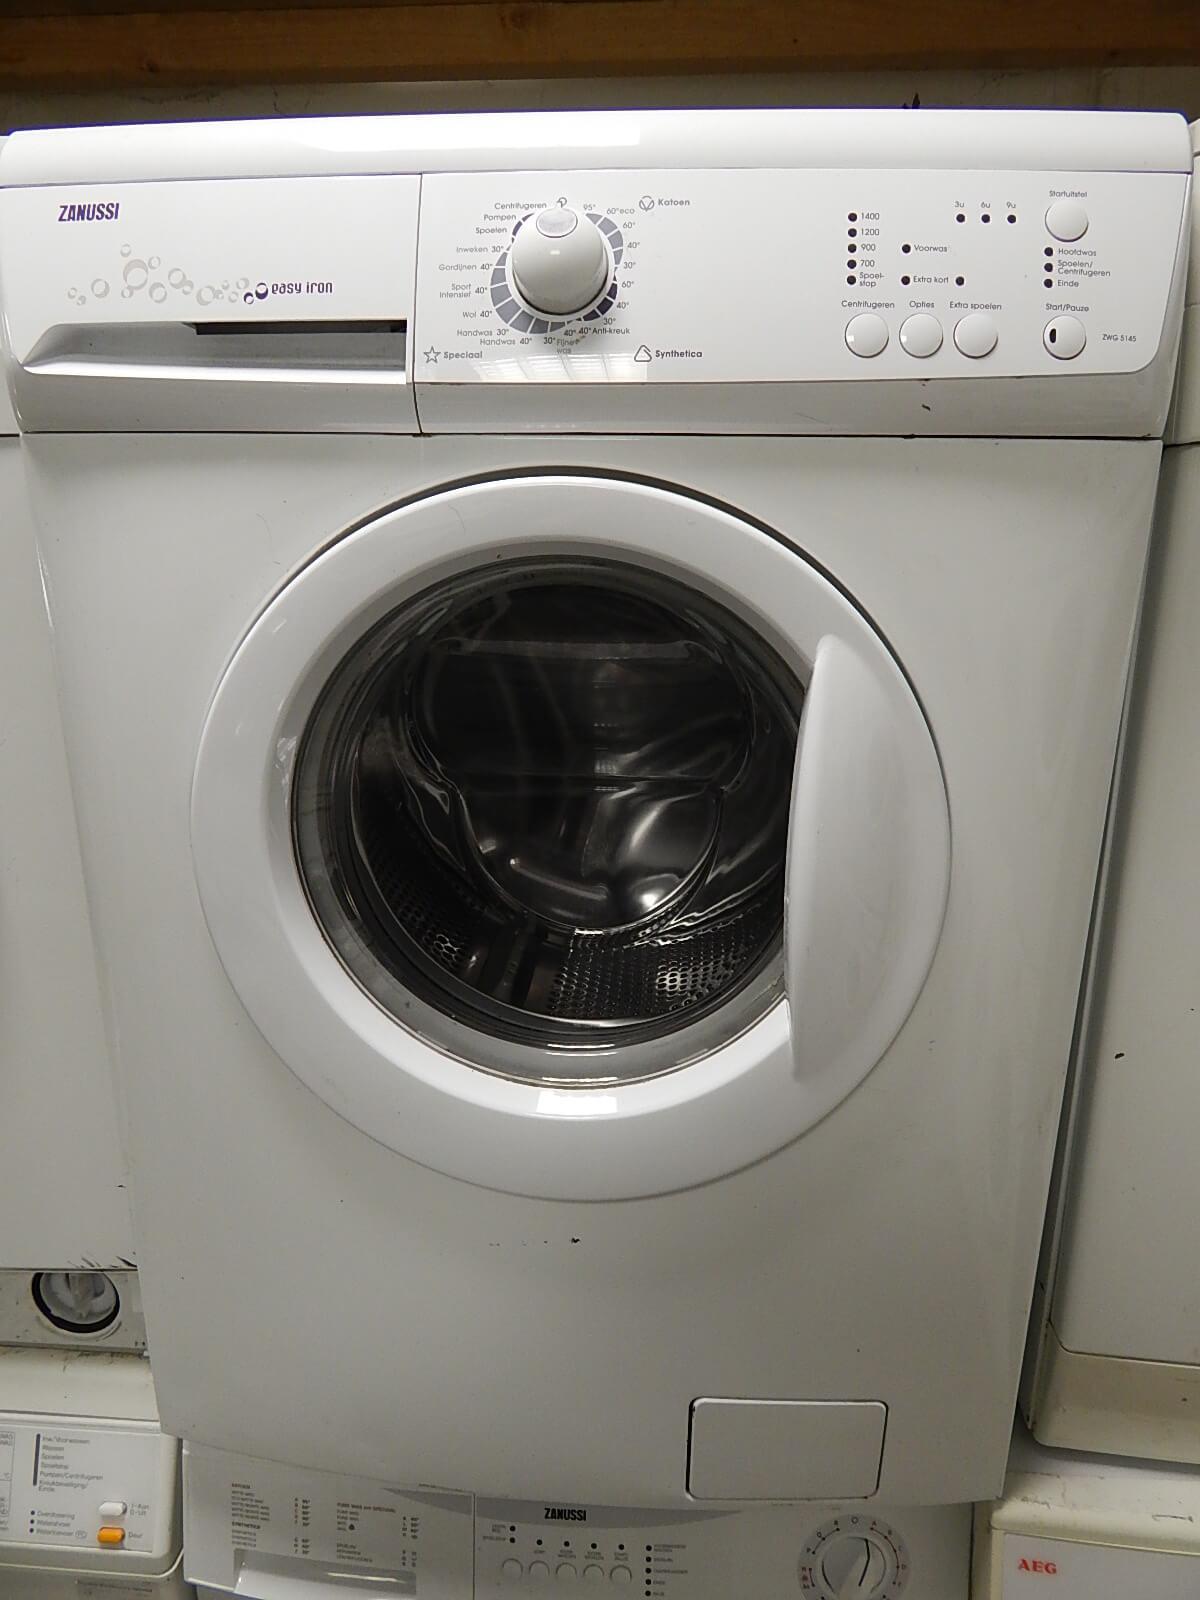 Zanussi wasmachine met aqua stop en uitgestelde start 1